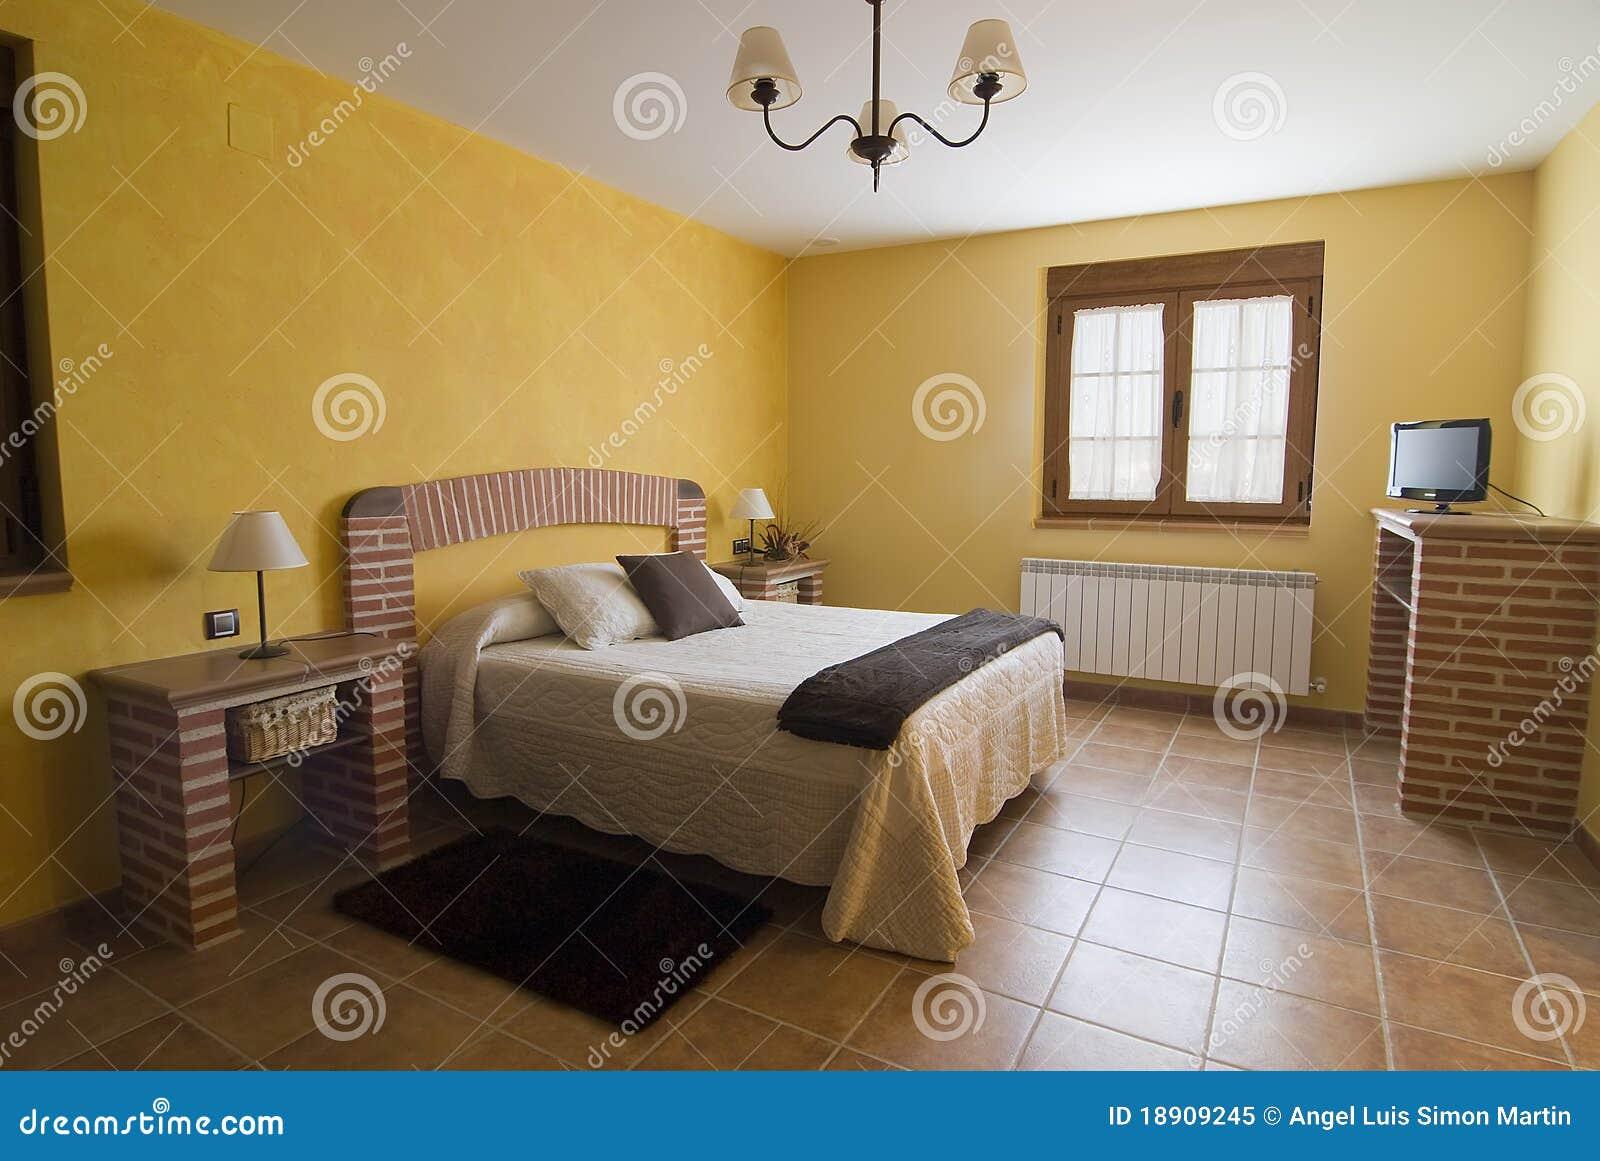 Camera da letto nel colore giallo ed in mattoni - Colore muri camera da letto ...